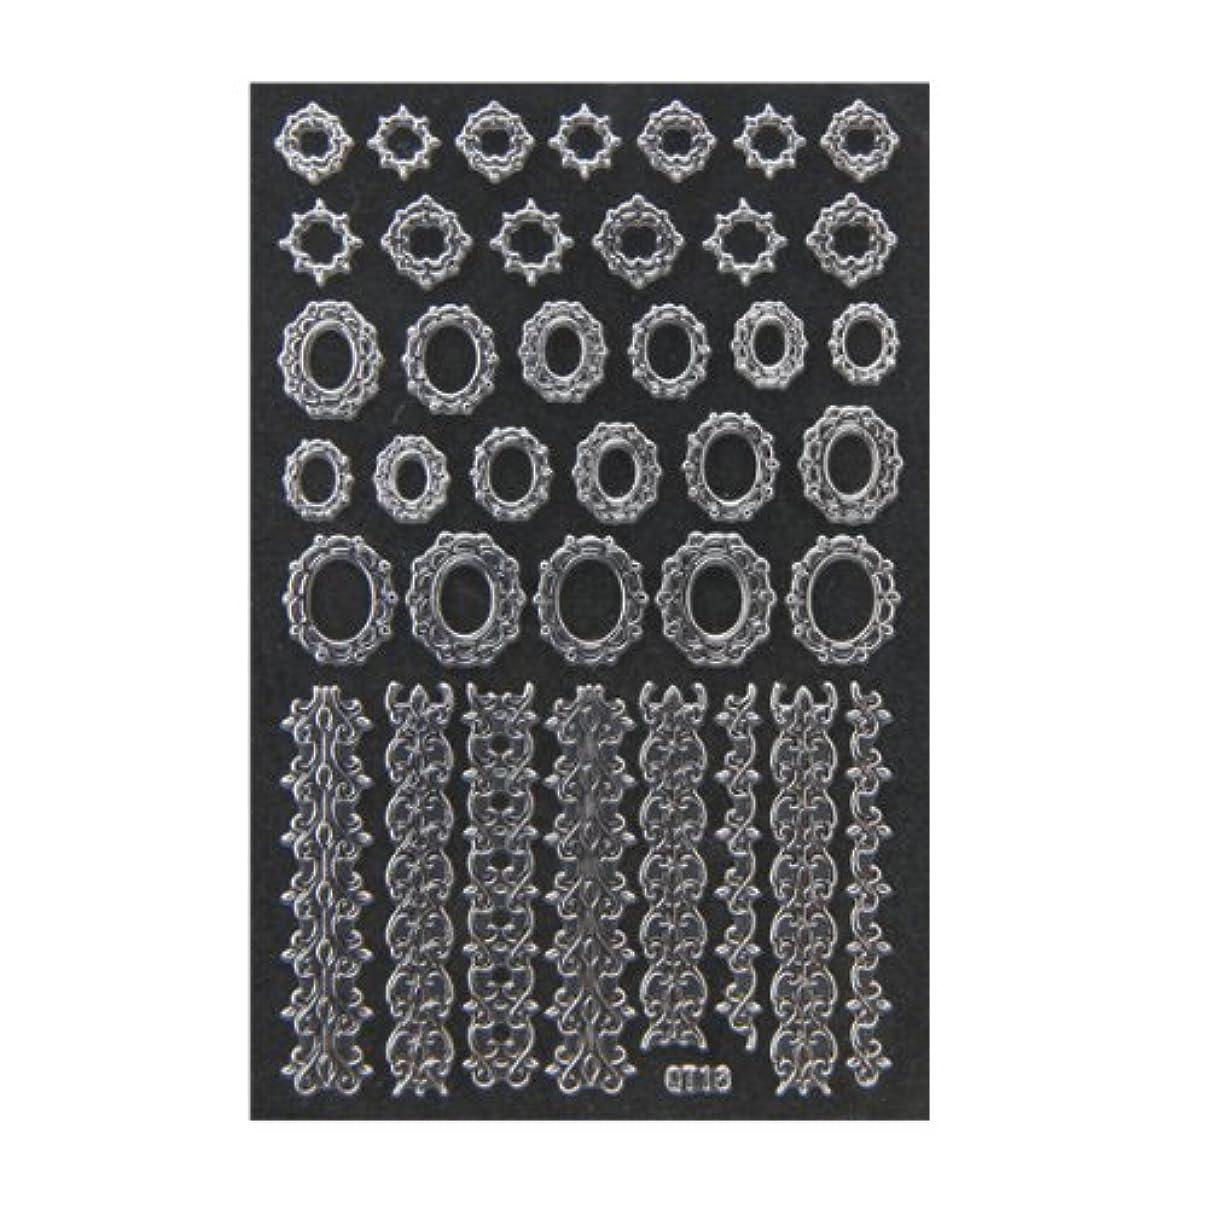 喪デッキサイレンネイルシール 3D ネイルシート ファッションネイル メタリックシール42 (ネイル用品)